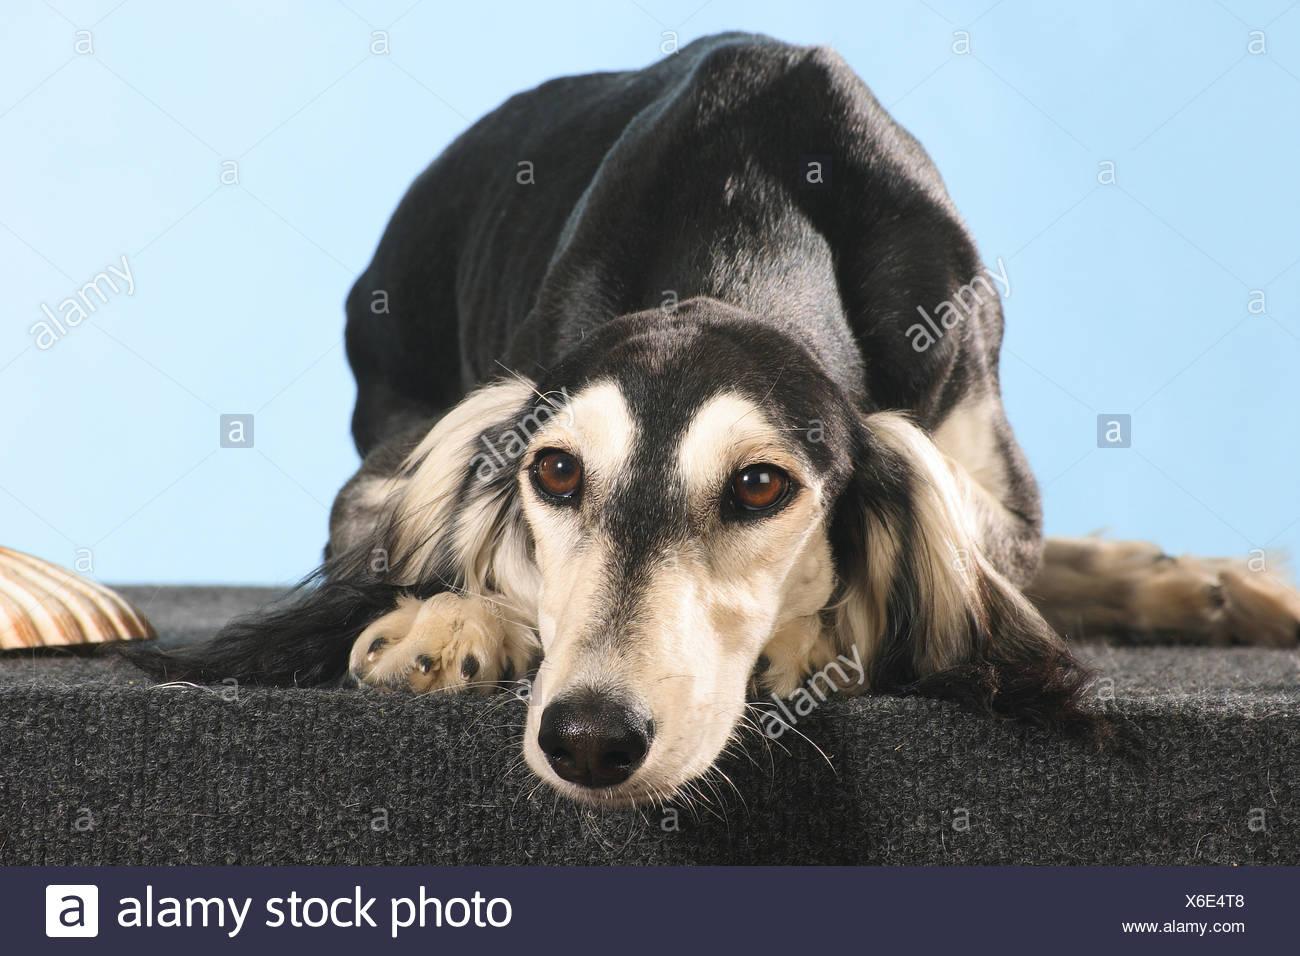 Saluki dog - lying - cut out Stock Photo